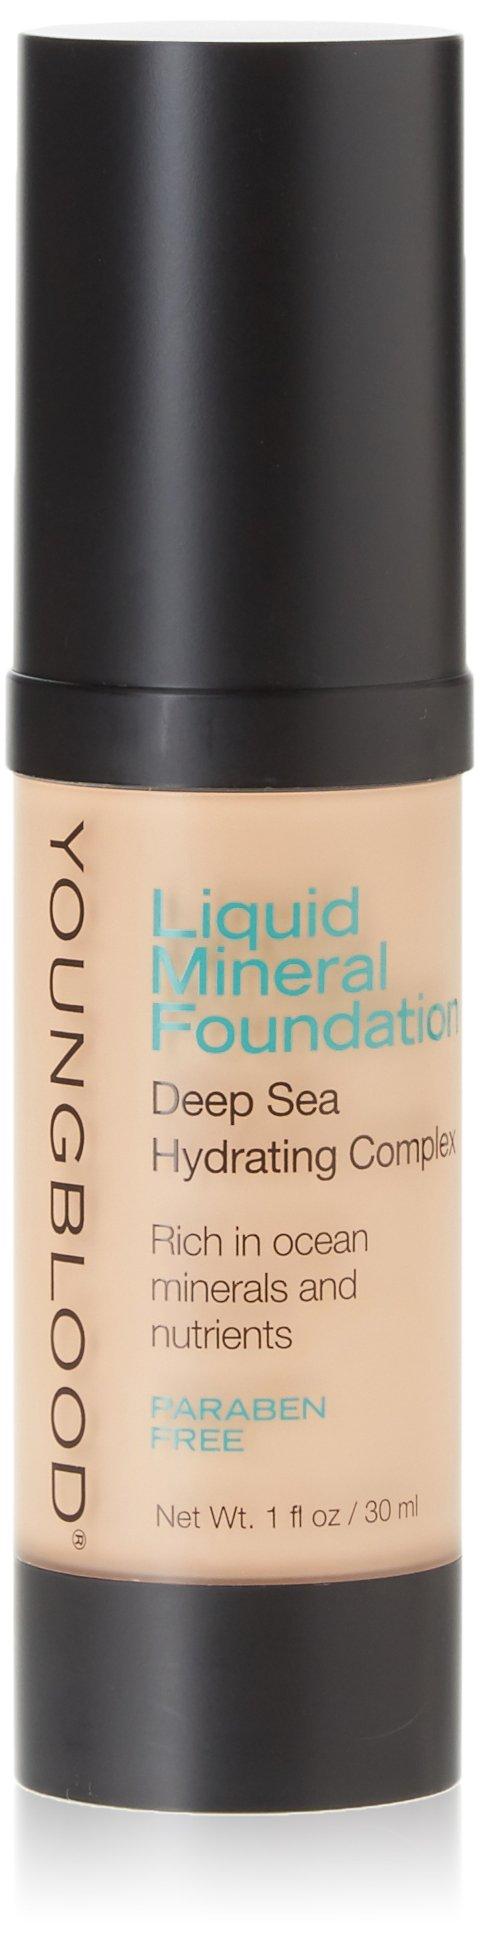 Youngblood Brow Artiste Kit Auburn 3 Gram Eyebrow Ql Cosmetic Cream 15 Gr Liquid Mineral Foundation Sun Kissed 1 Ounce